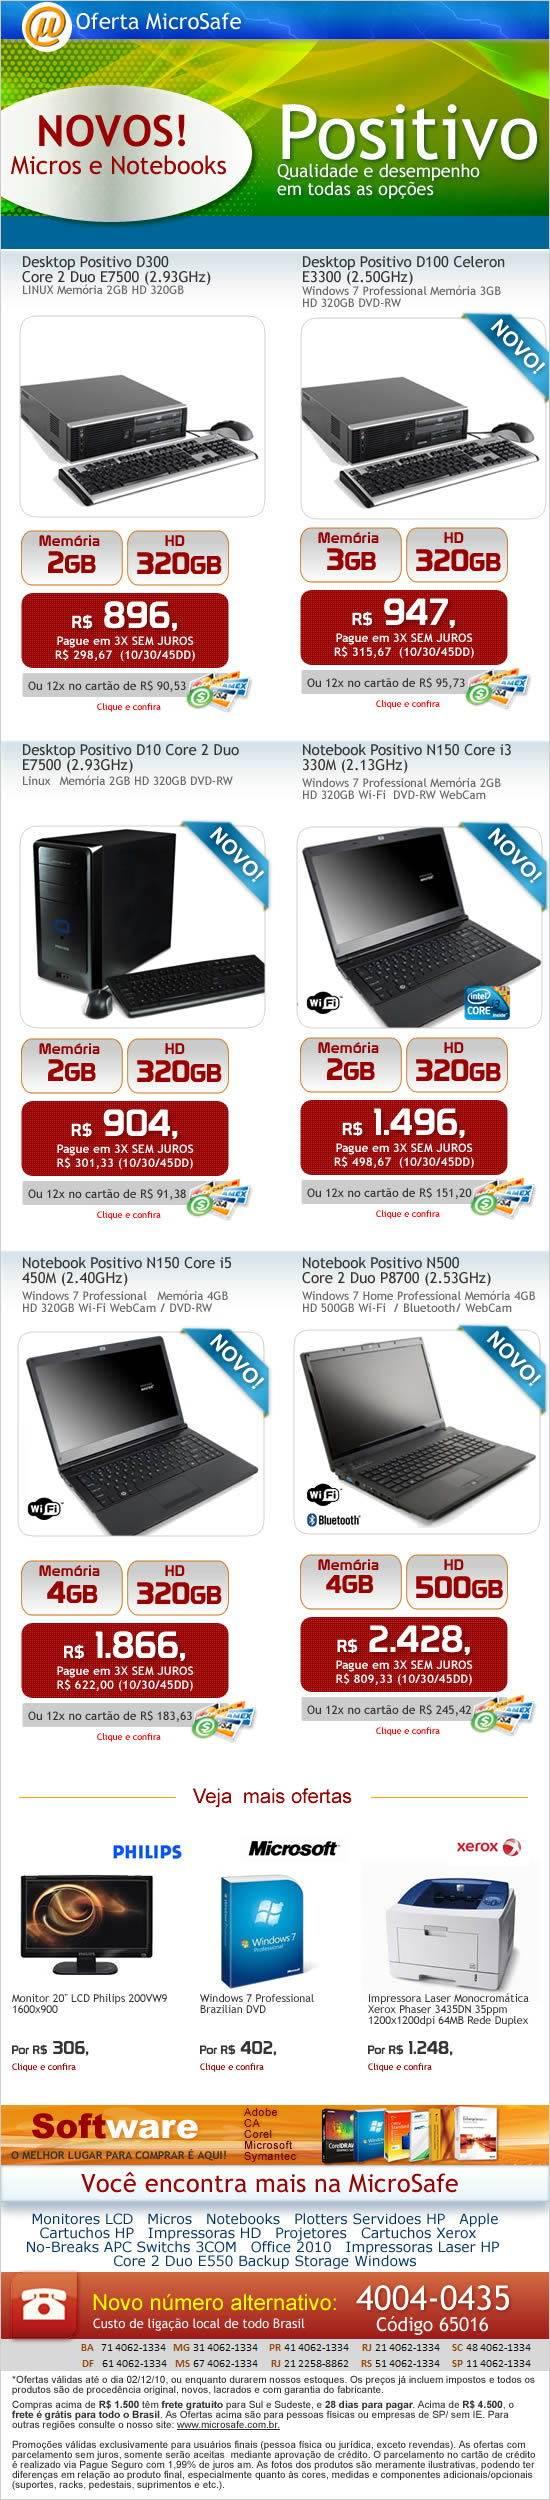 Novos Micros e notebooks POSITIVO na MicroSafe!